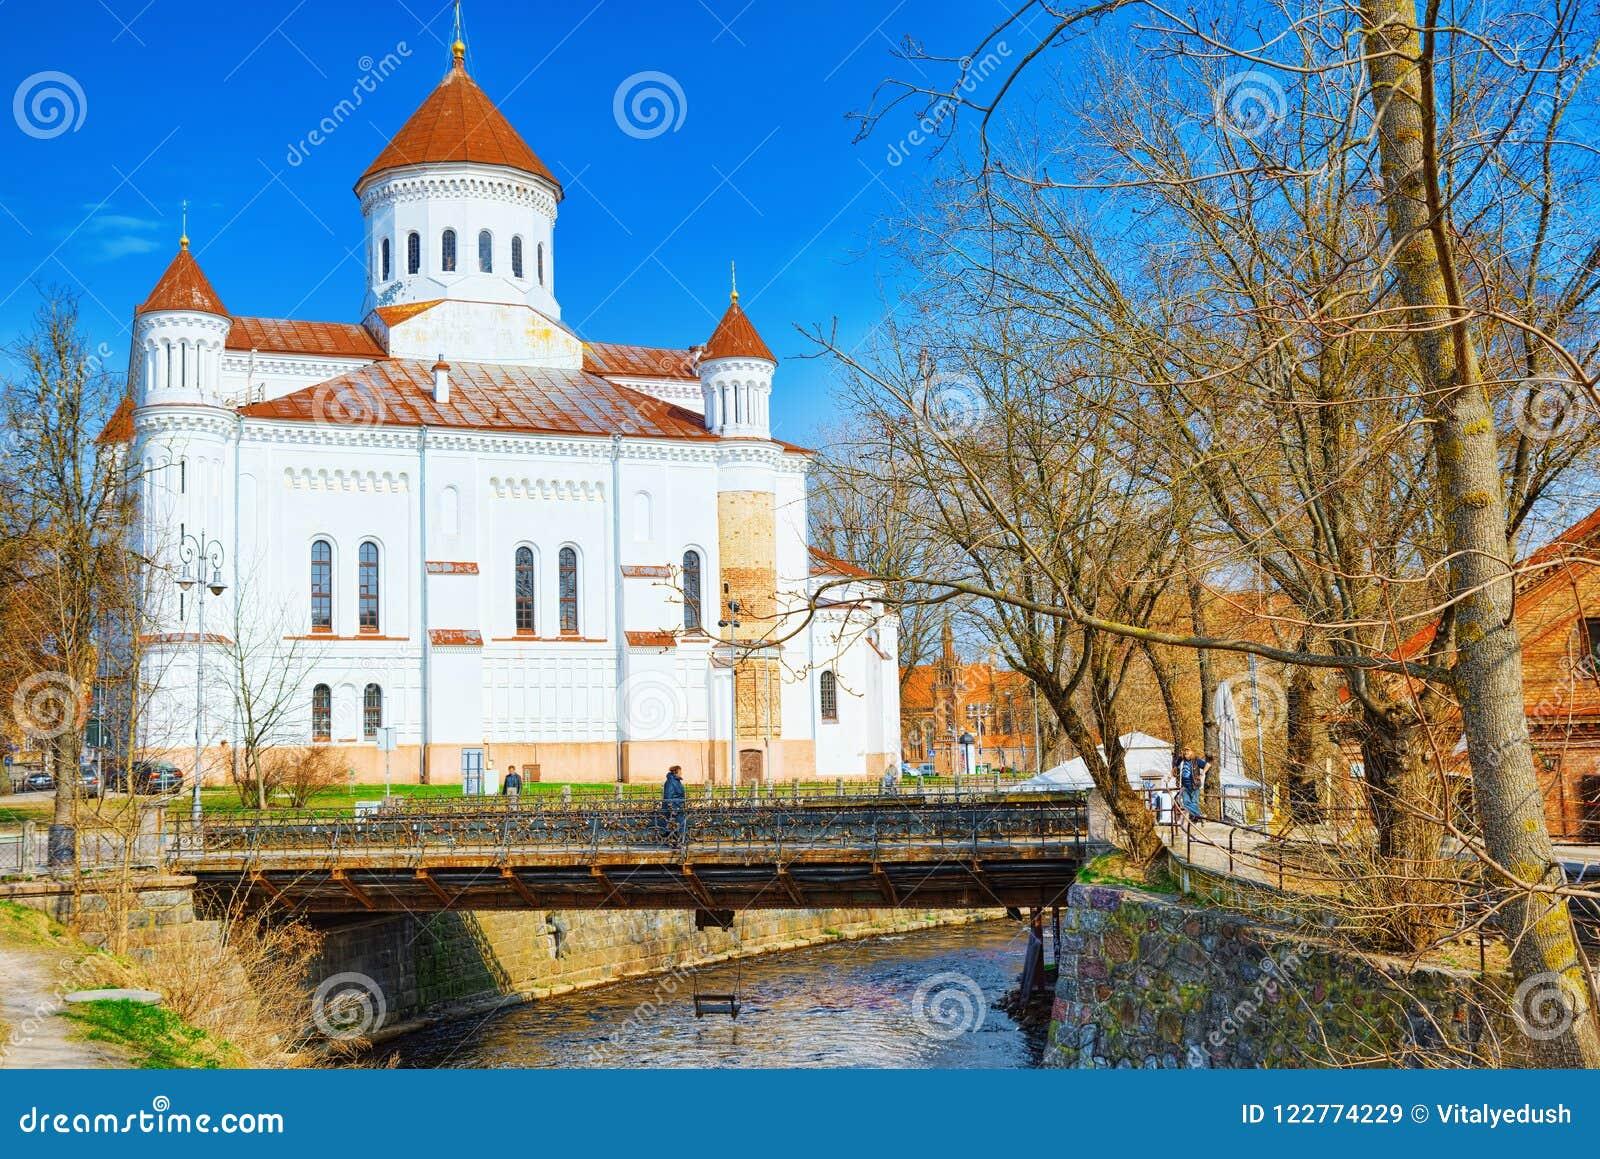 Собор Prechistensky - правоверный собор в Вильнюсе размещено